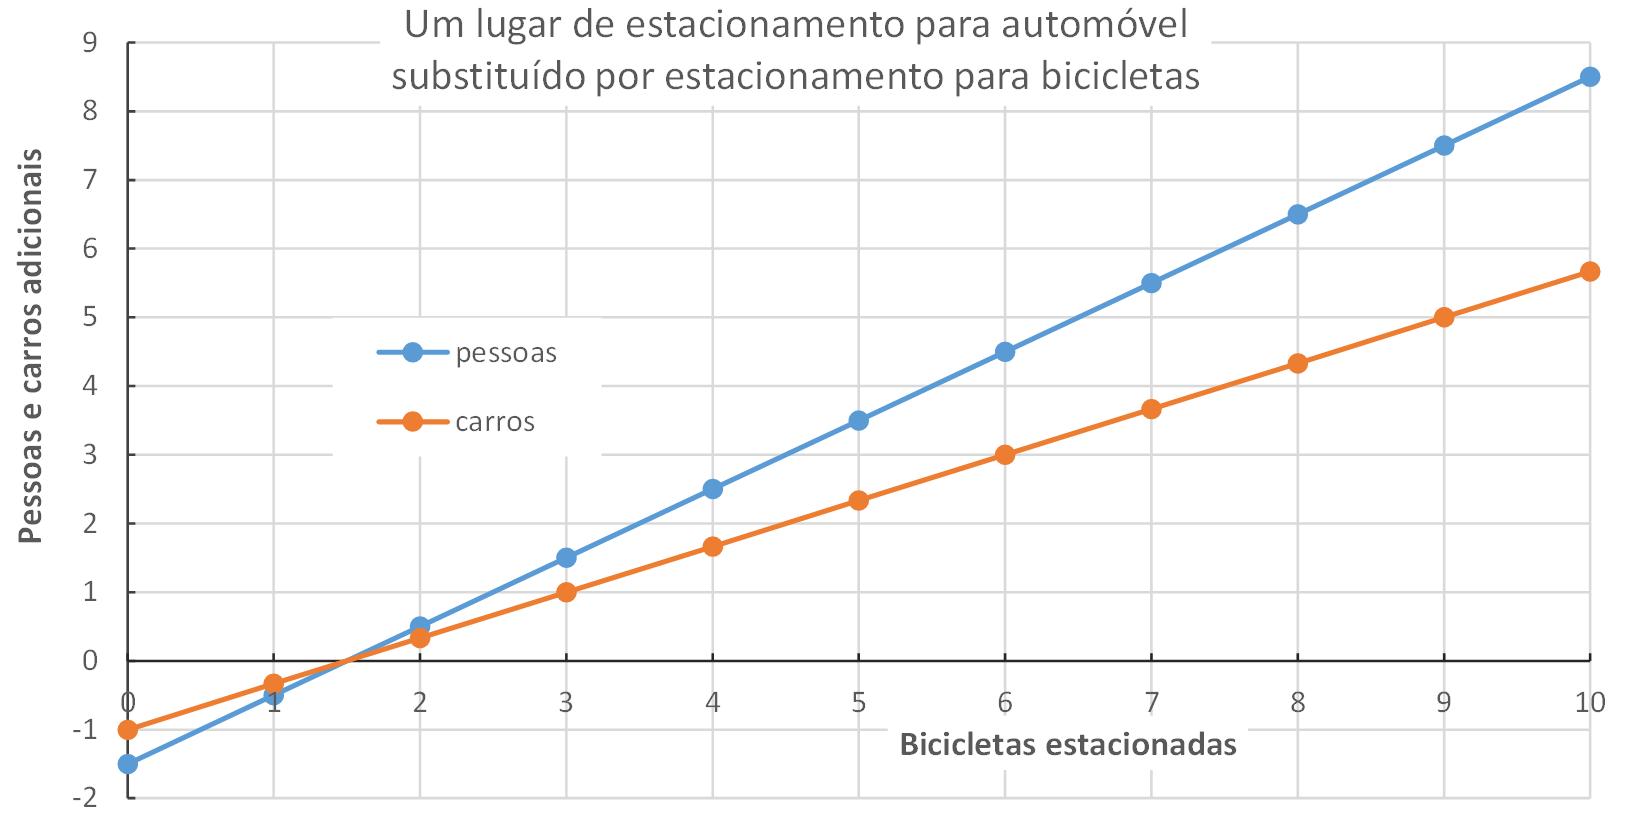 Um lugar de estacionamento para automóvel substituído por estacionamento para bicicletas (gráfico)